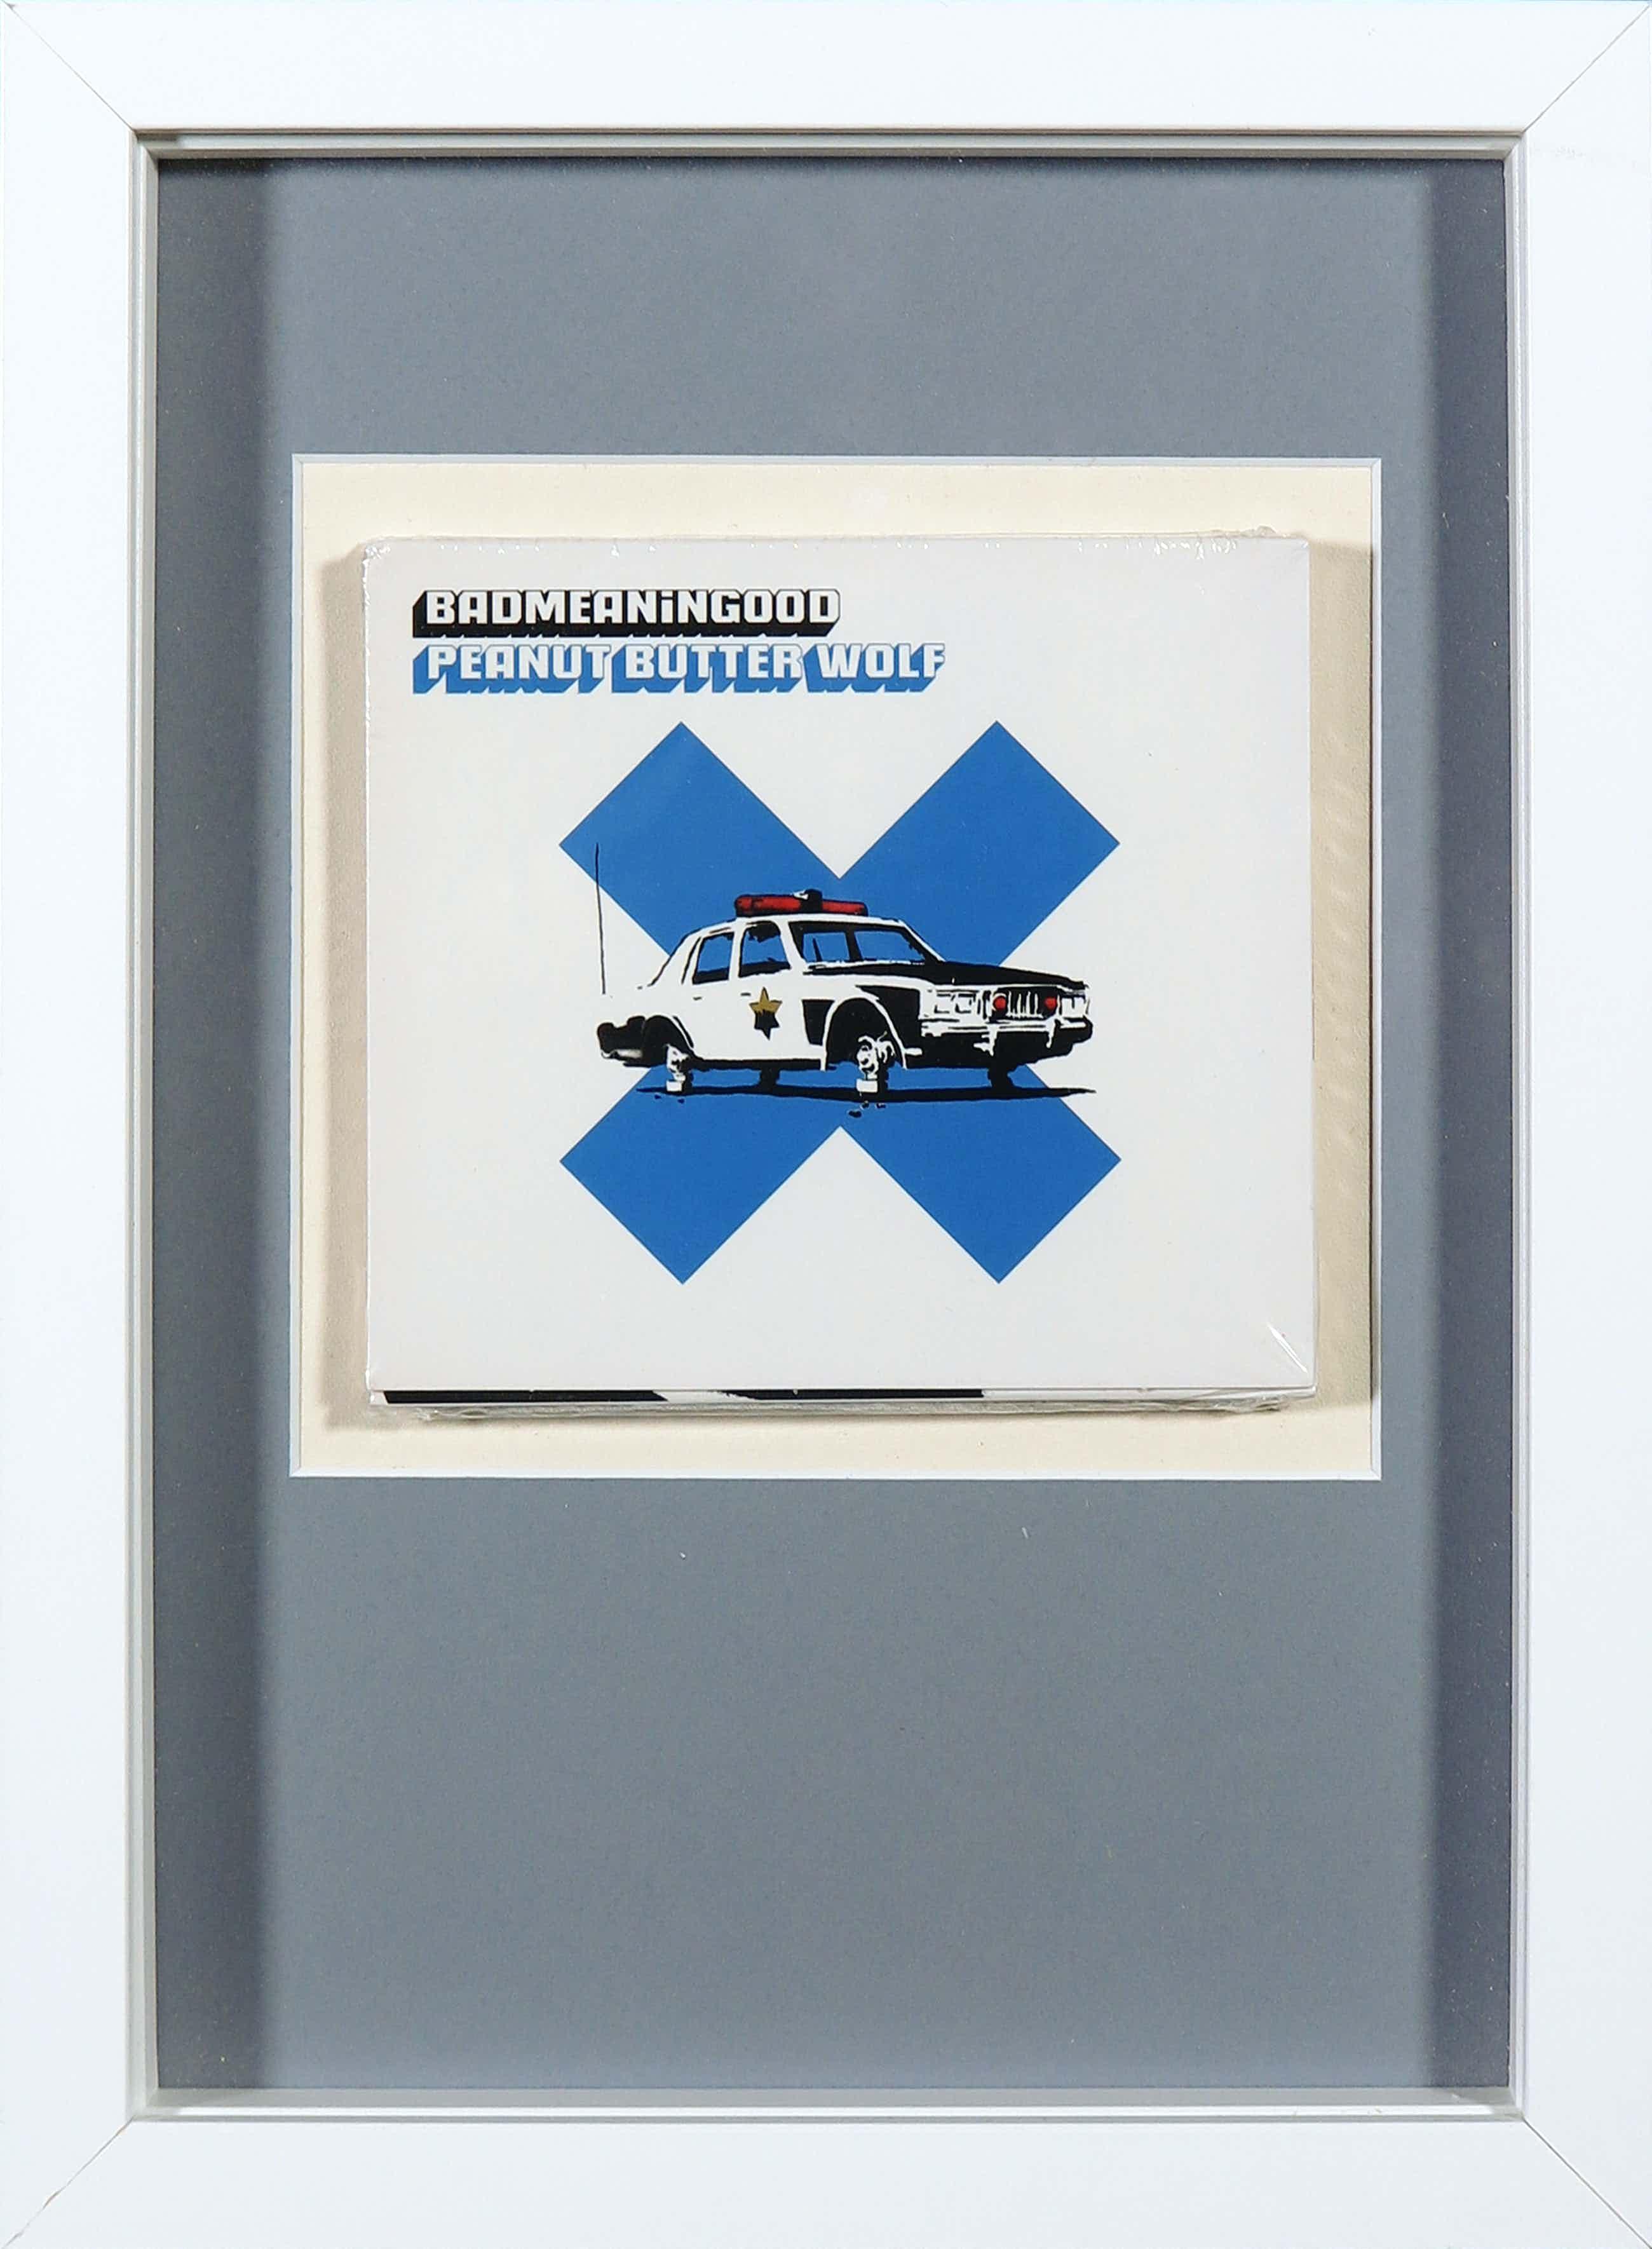 Banksy - Badmeaninggood vol. 3 door Peanut Butter Wolf (CD) kopen? Bied vanaf 65!